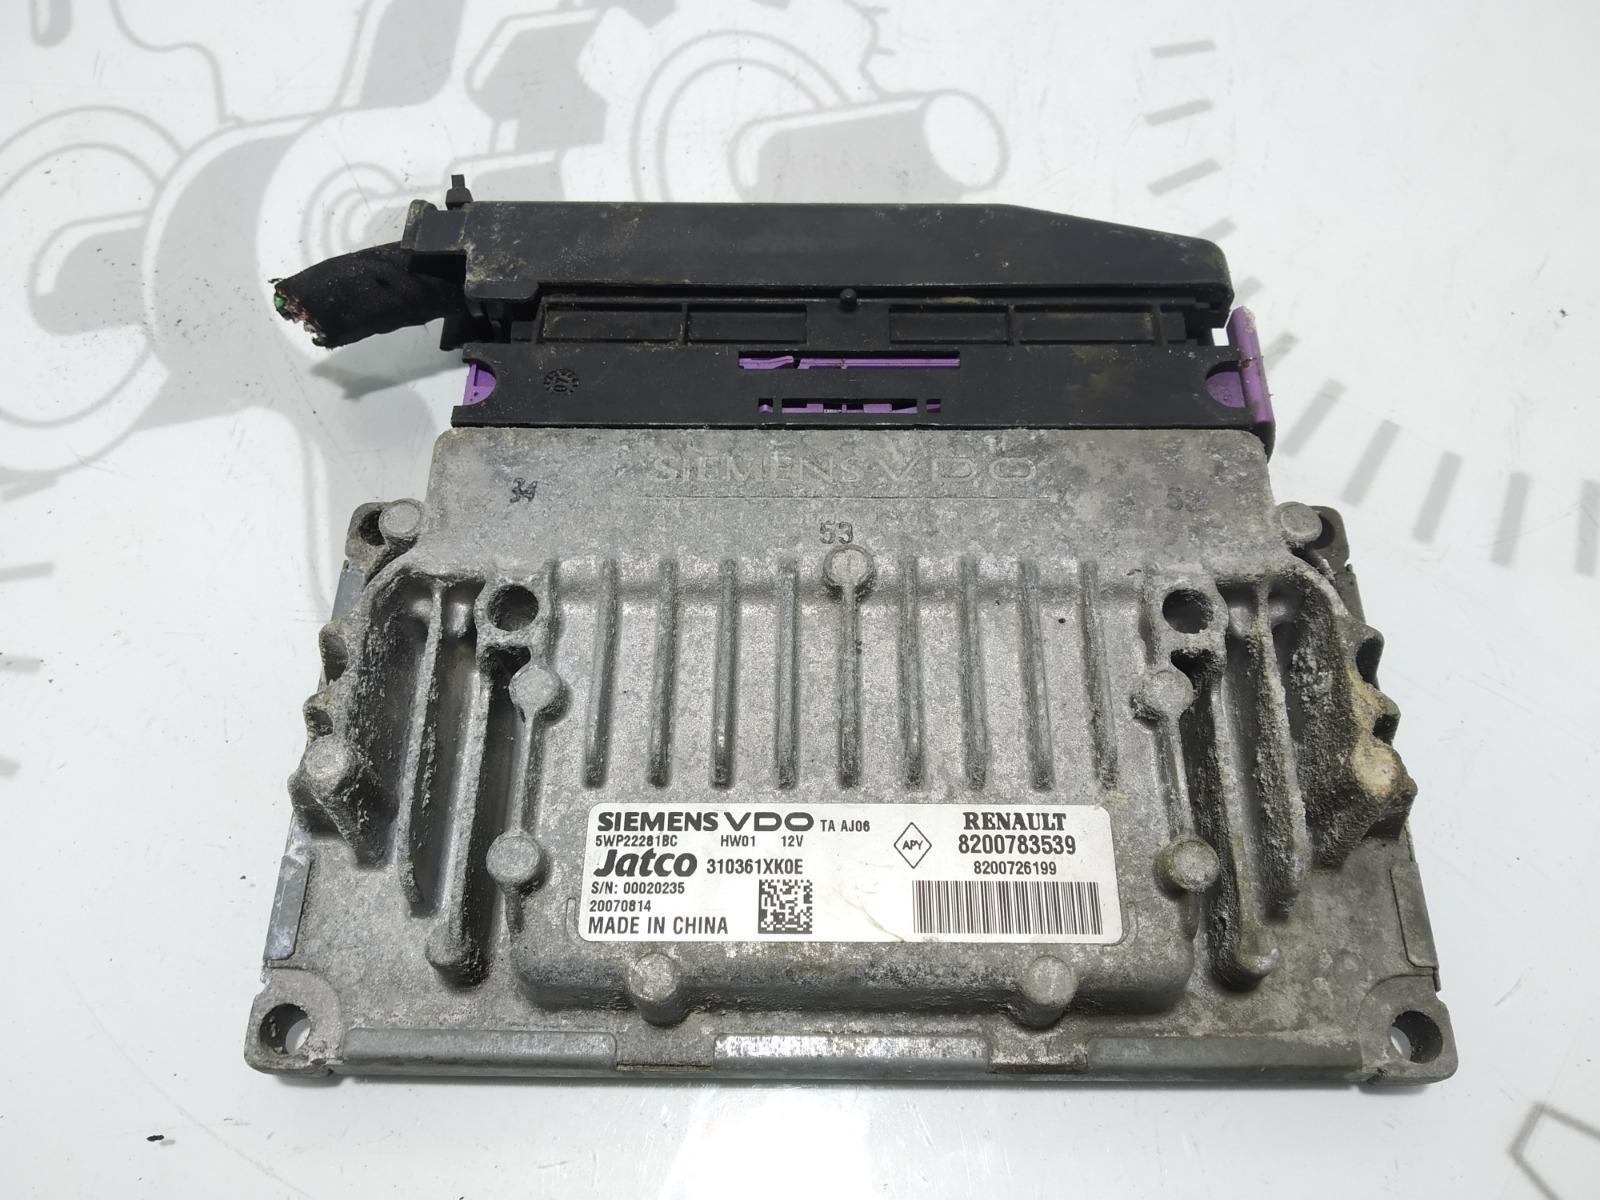 Блок управления акпп Renault Grand Espace 2.0 DCI 2008 (б/у)